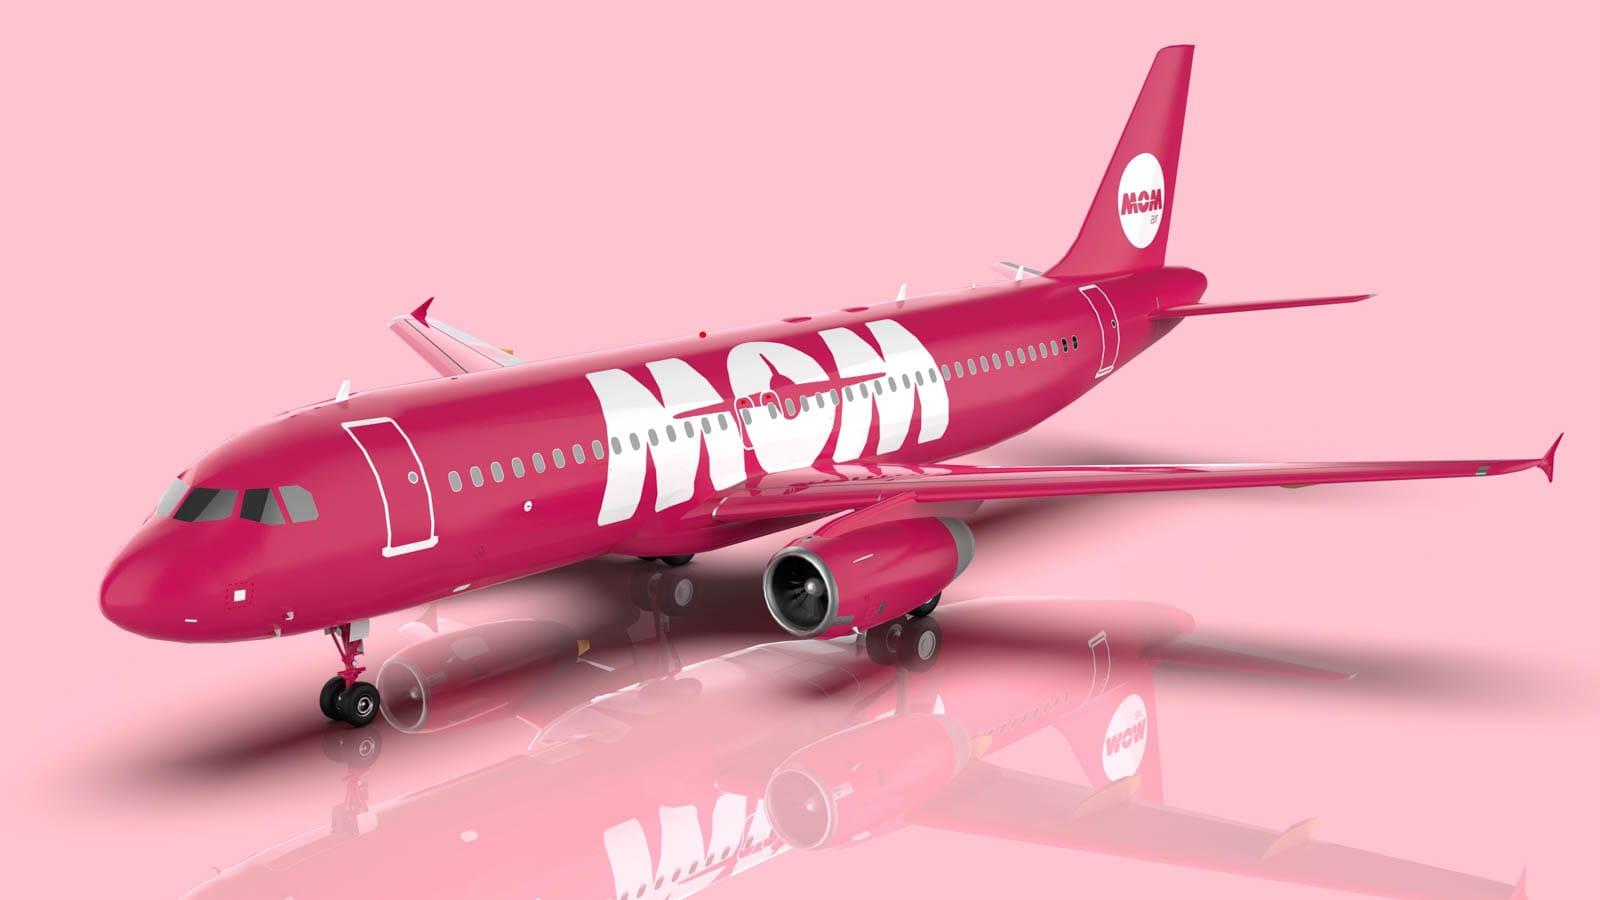 هي ليست حقيقية ولكن.. تعرف على شركة الطيران التي يمكنها التنبؤ بمستقبل السفر